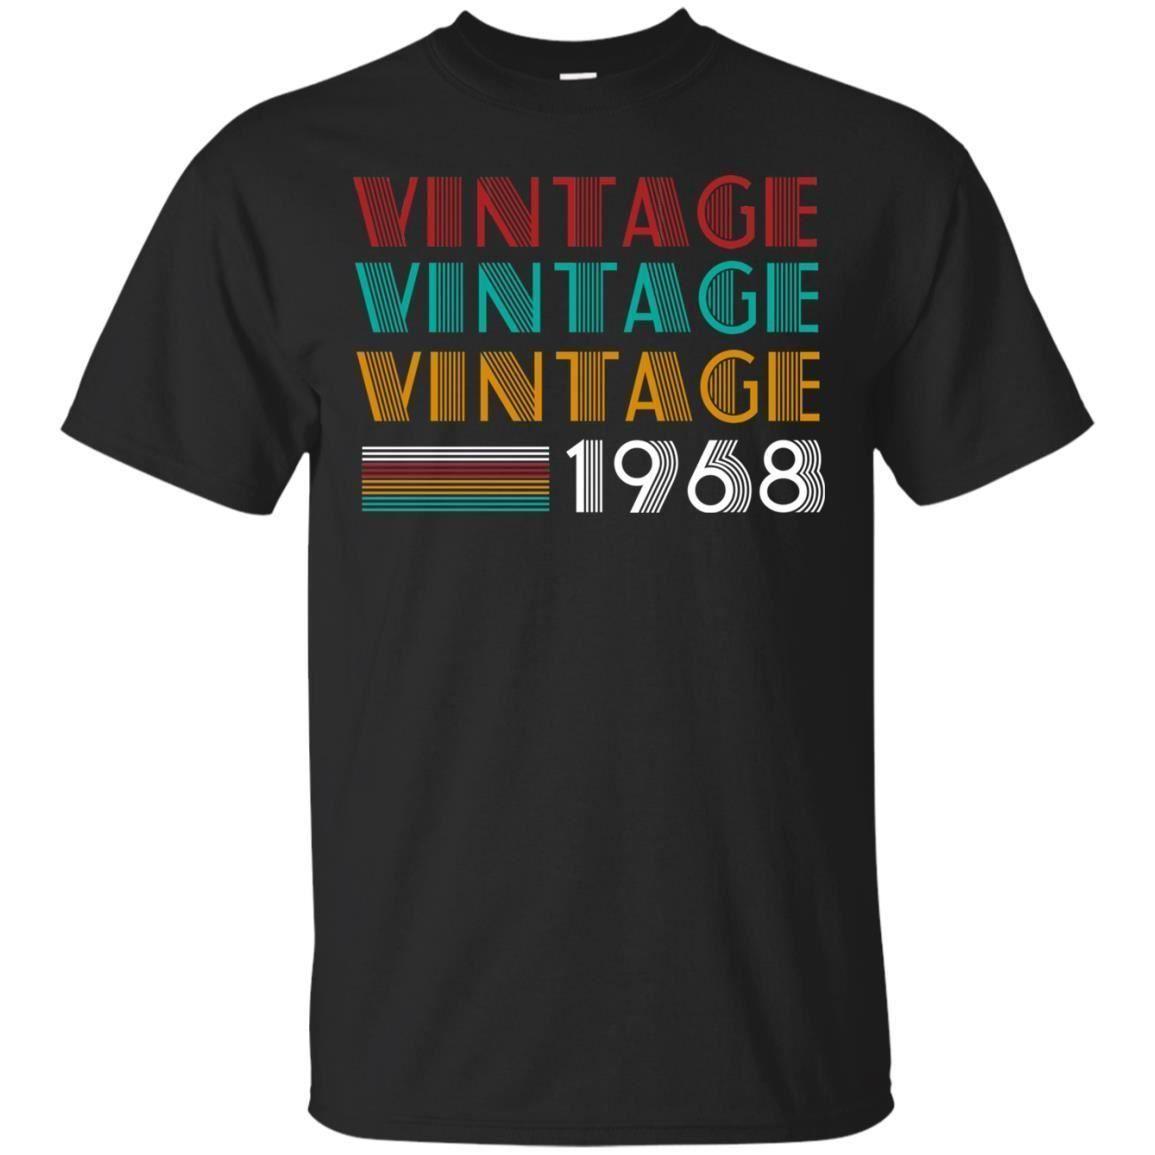 5b119f0c38f77 Compre Retro Vintage Clássico Nascido Em 1968 50th T Shirt O Melhor  Presente Para 50 Anos De Idade Atacado 100% Algodão Legal Bonito Camisas De  T Homem 2018 ...